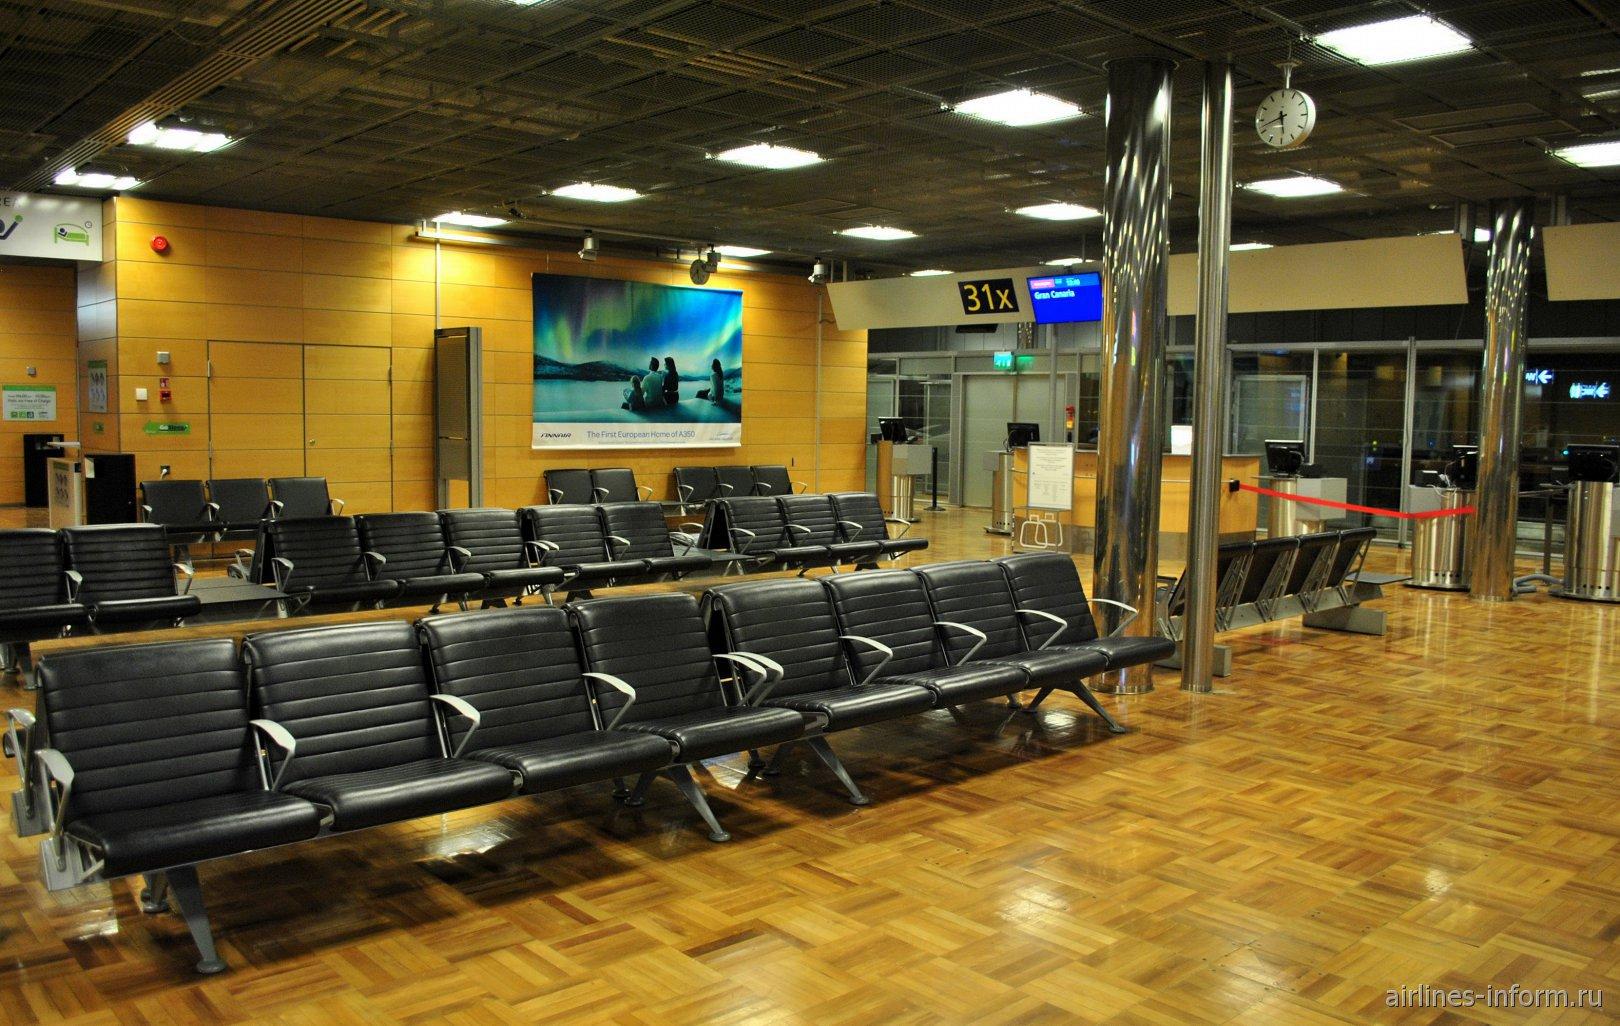 Накопитель в терминале Т2 аэропорта Хельсинки Вантаа